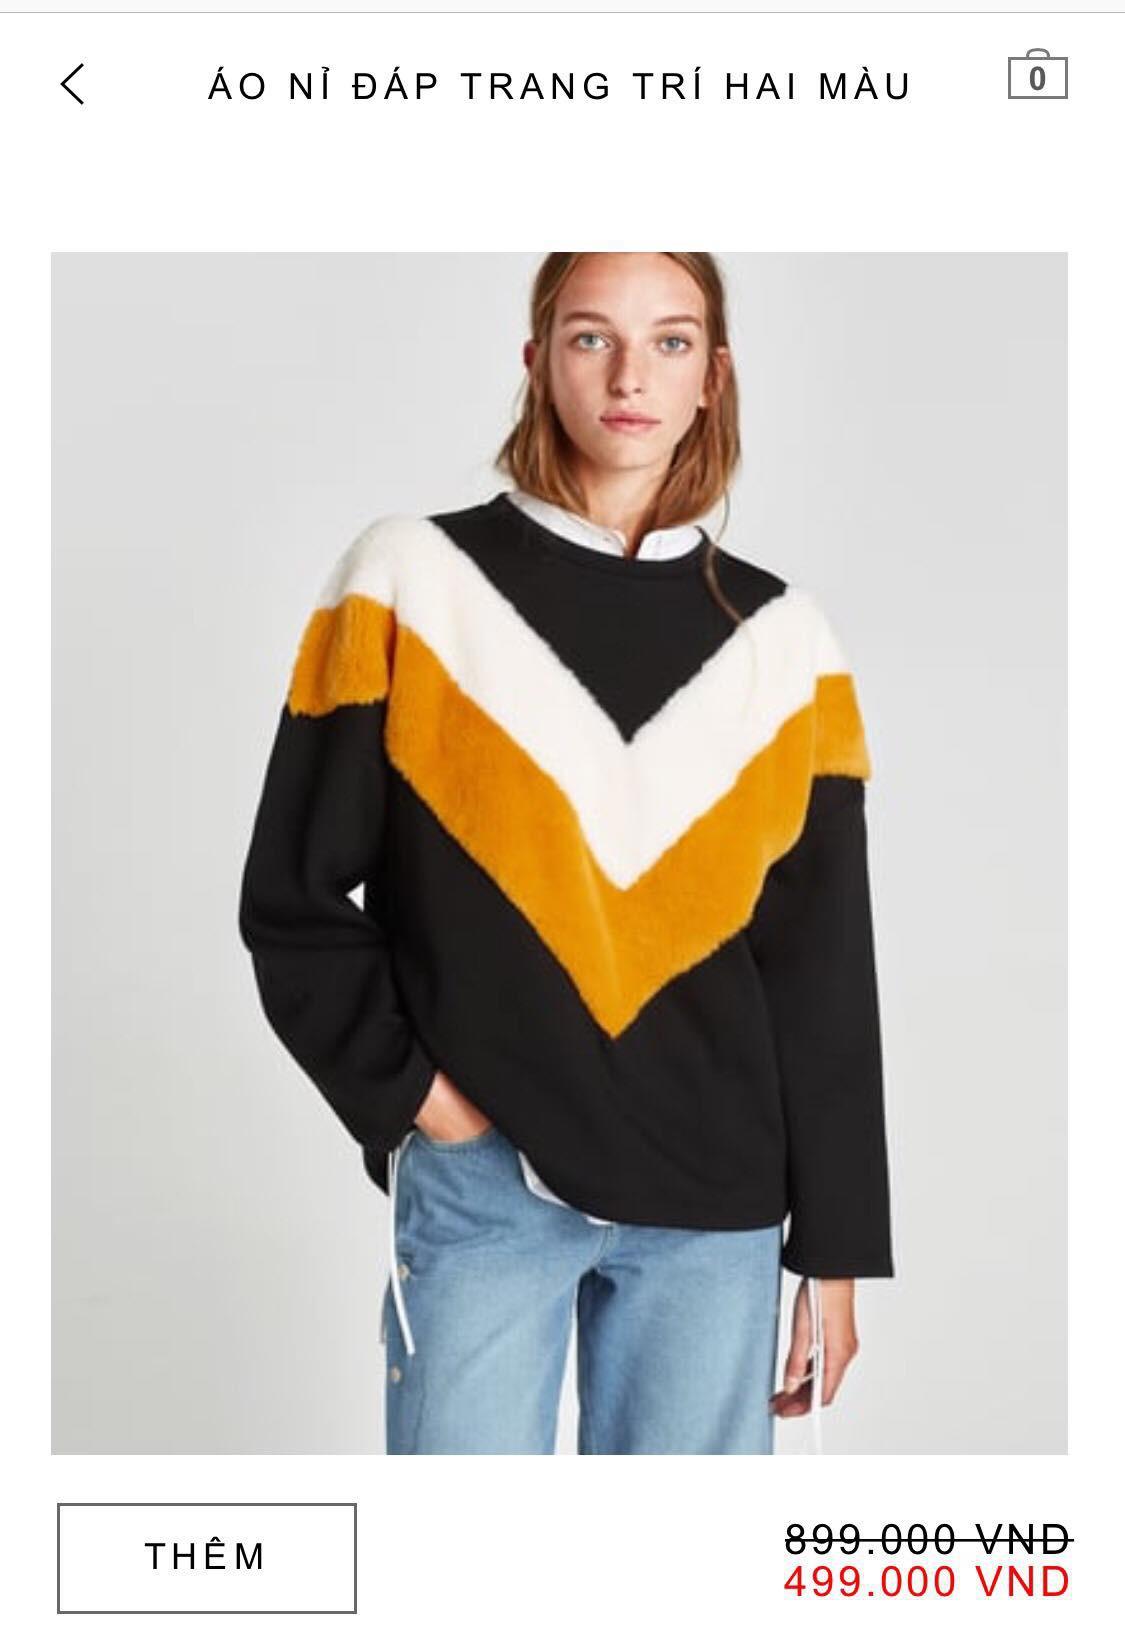 14 mẫu áo len, áo nỉ dưới 500.000 VNĐ xinh xắn, trendy đáng sắm nhất đợt sale này của Zara - Ảnh 11.